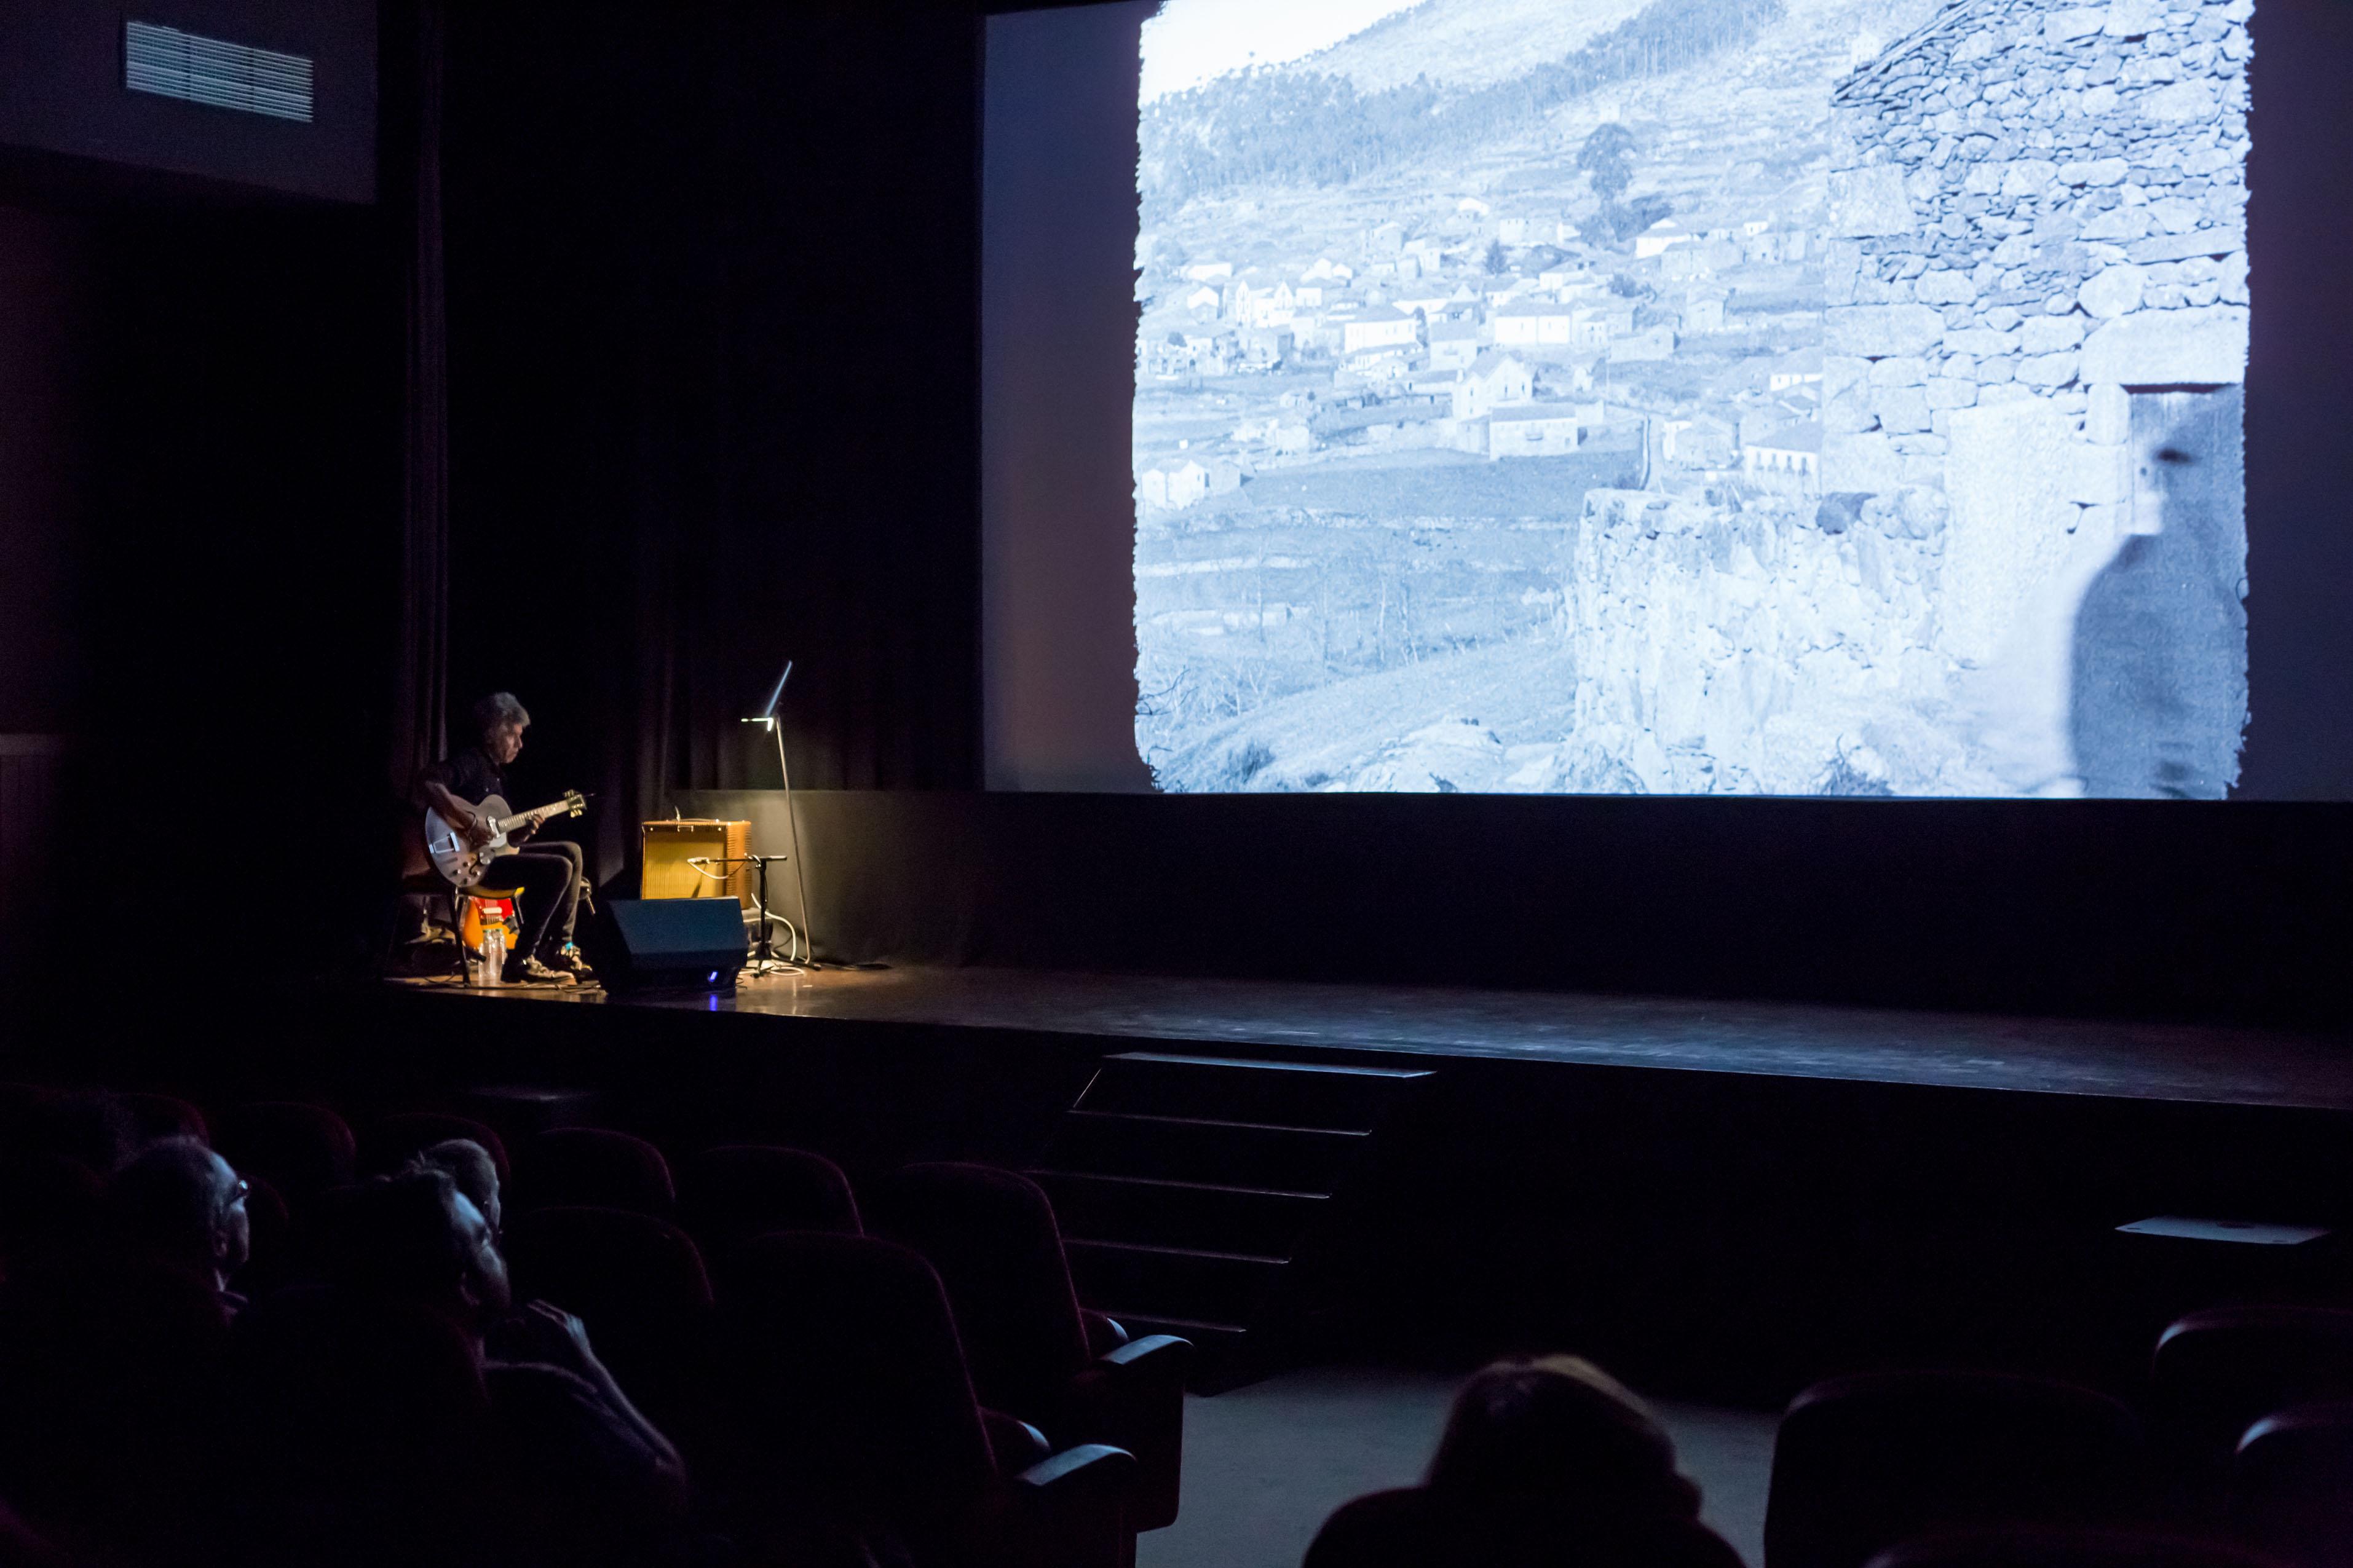 Os Lobos - Film Fest 2019